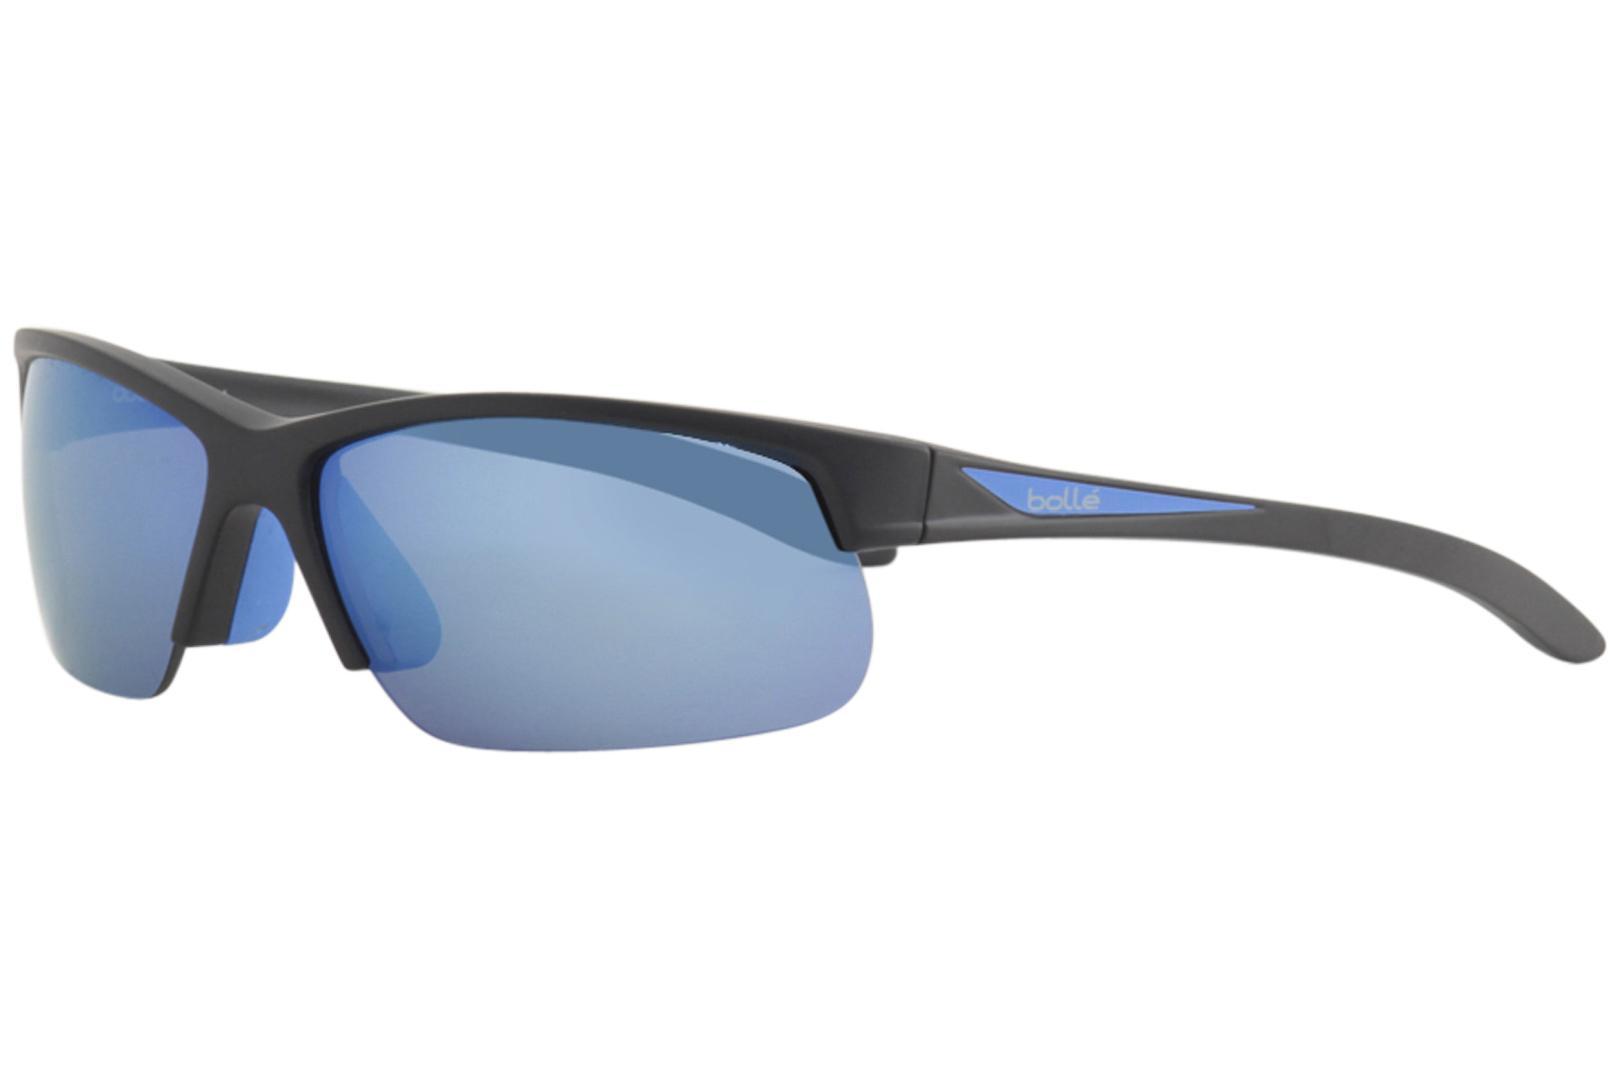 0d0661bbd1 Bolle Men s Breaker 12110ST 12110 ST Sport Wrap Sunglasses